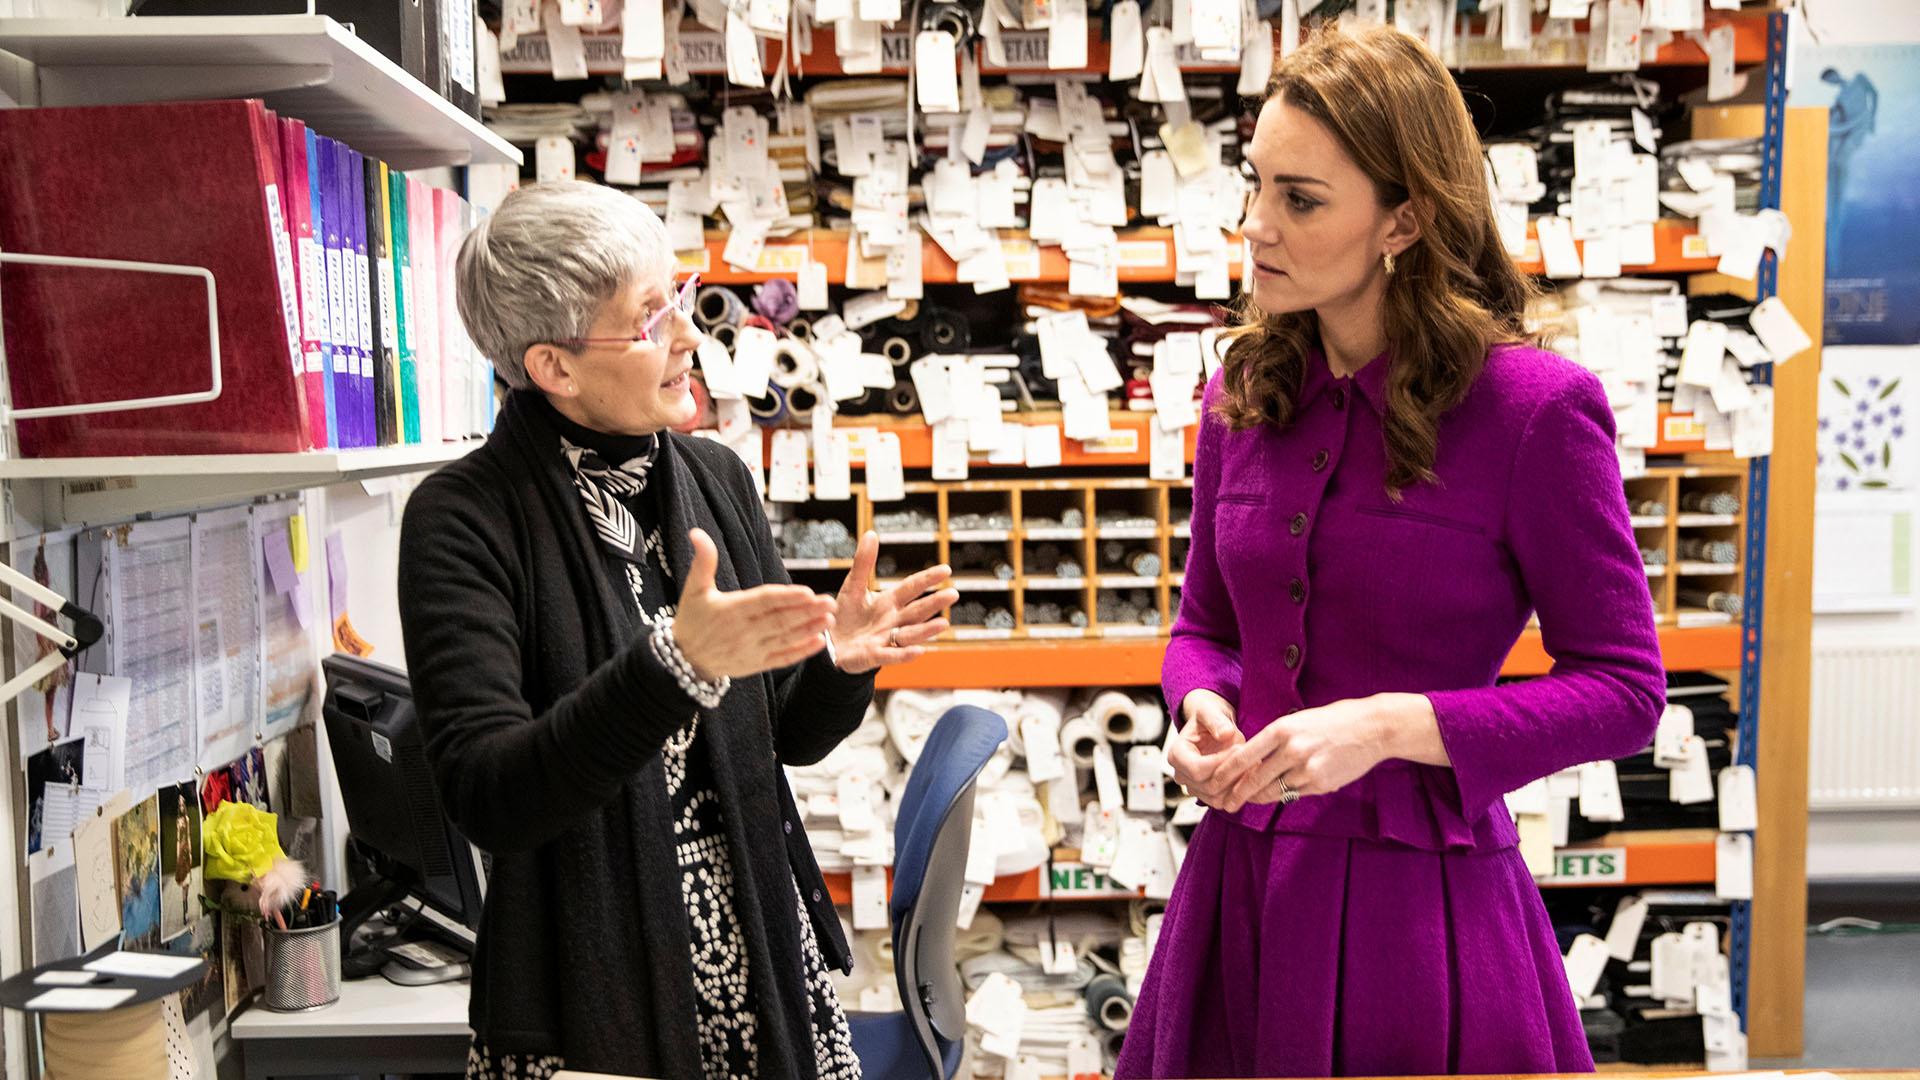 Desde hace décadas, Isabel II elige looks monocromáticos e, incluso el fucsia, es uno de sus colores favoritos